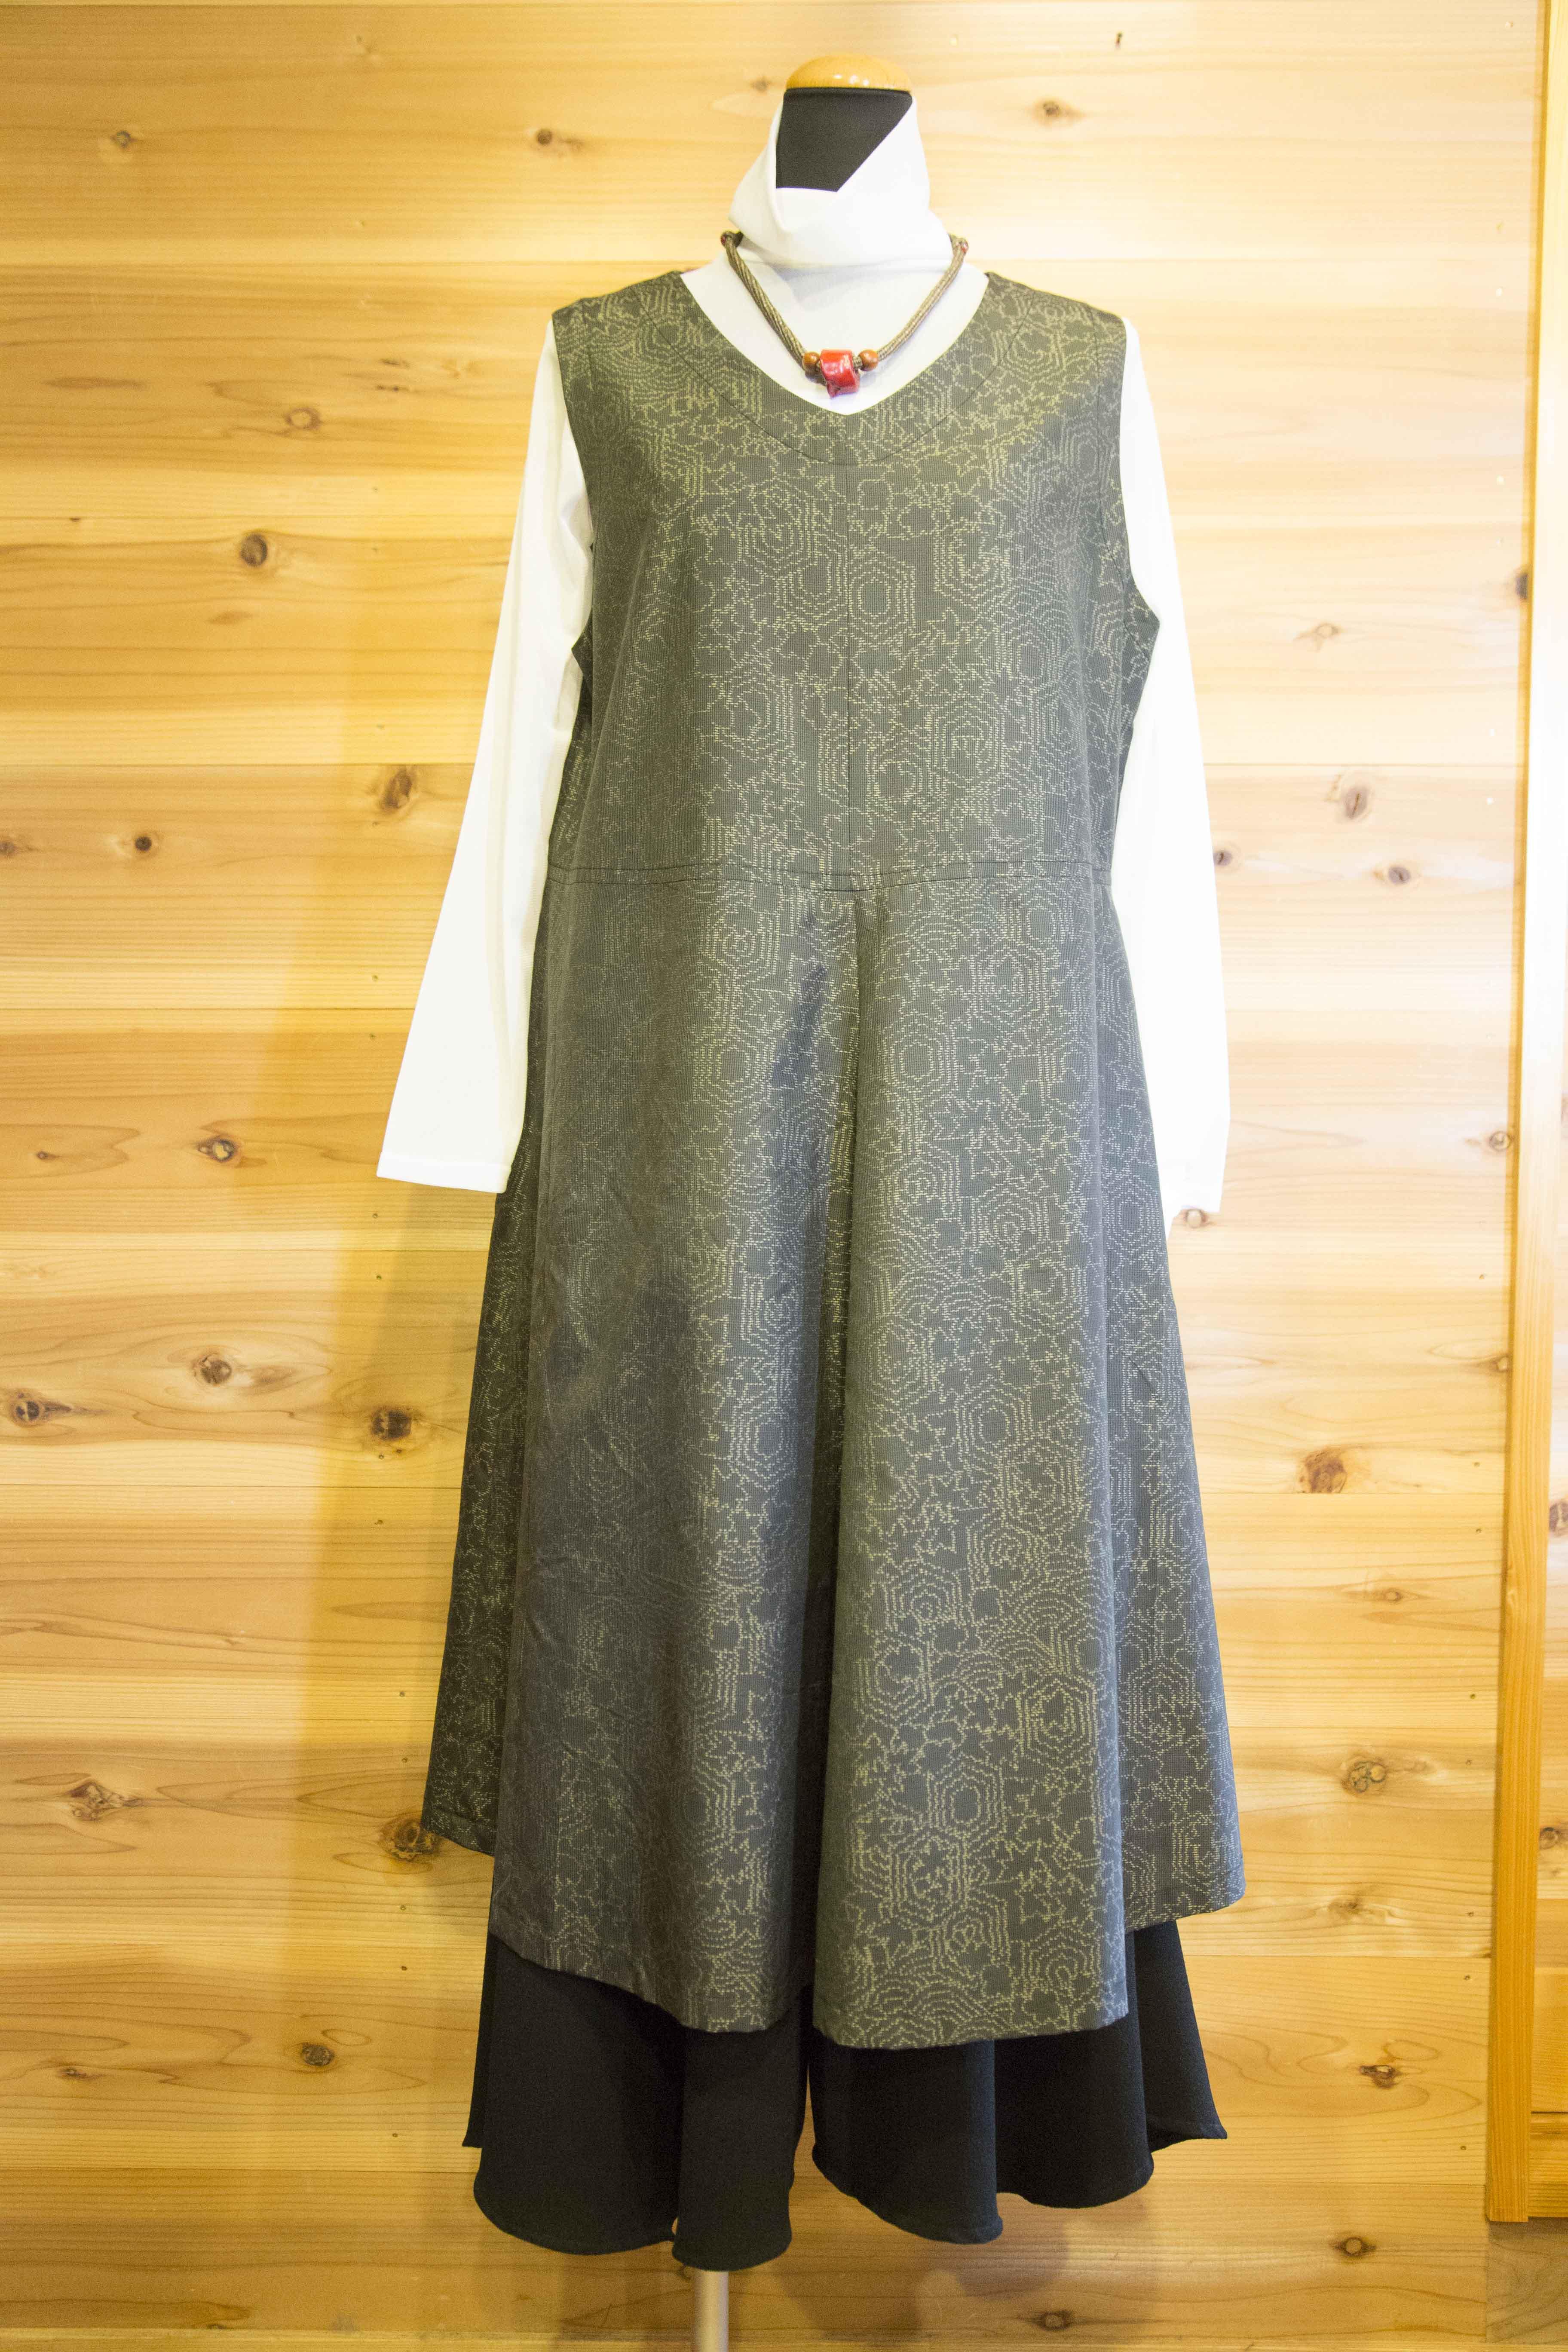 ジャンパースカート/素材:絹(大島)/幾何学模様 15,000円(税込)